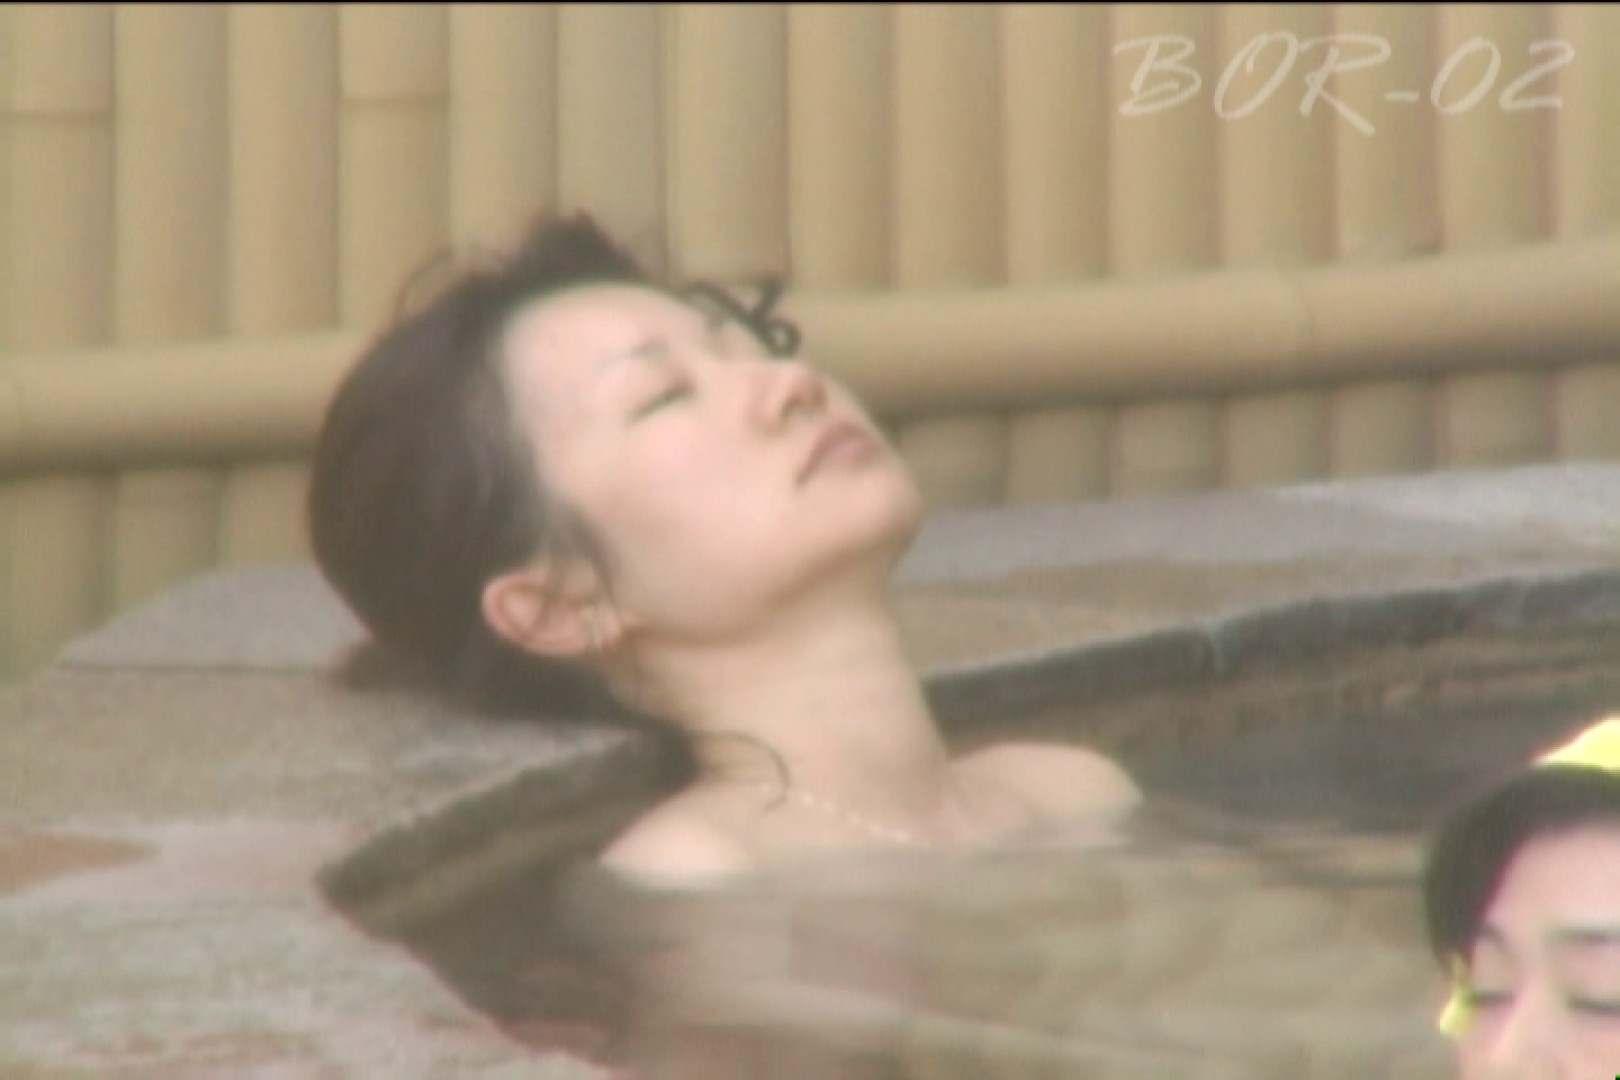 Aquaな露天風呂Vol.477 露天 | 盗撮  86画像 37